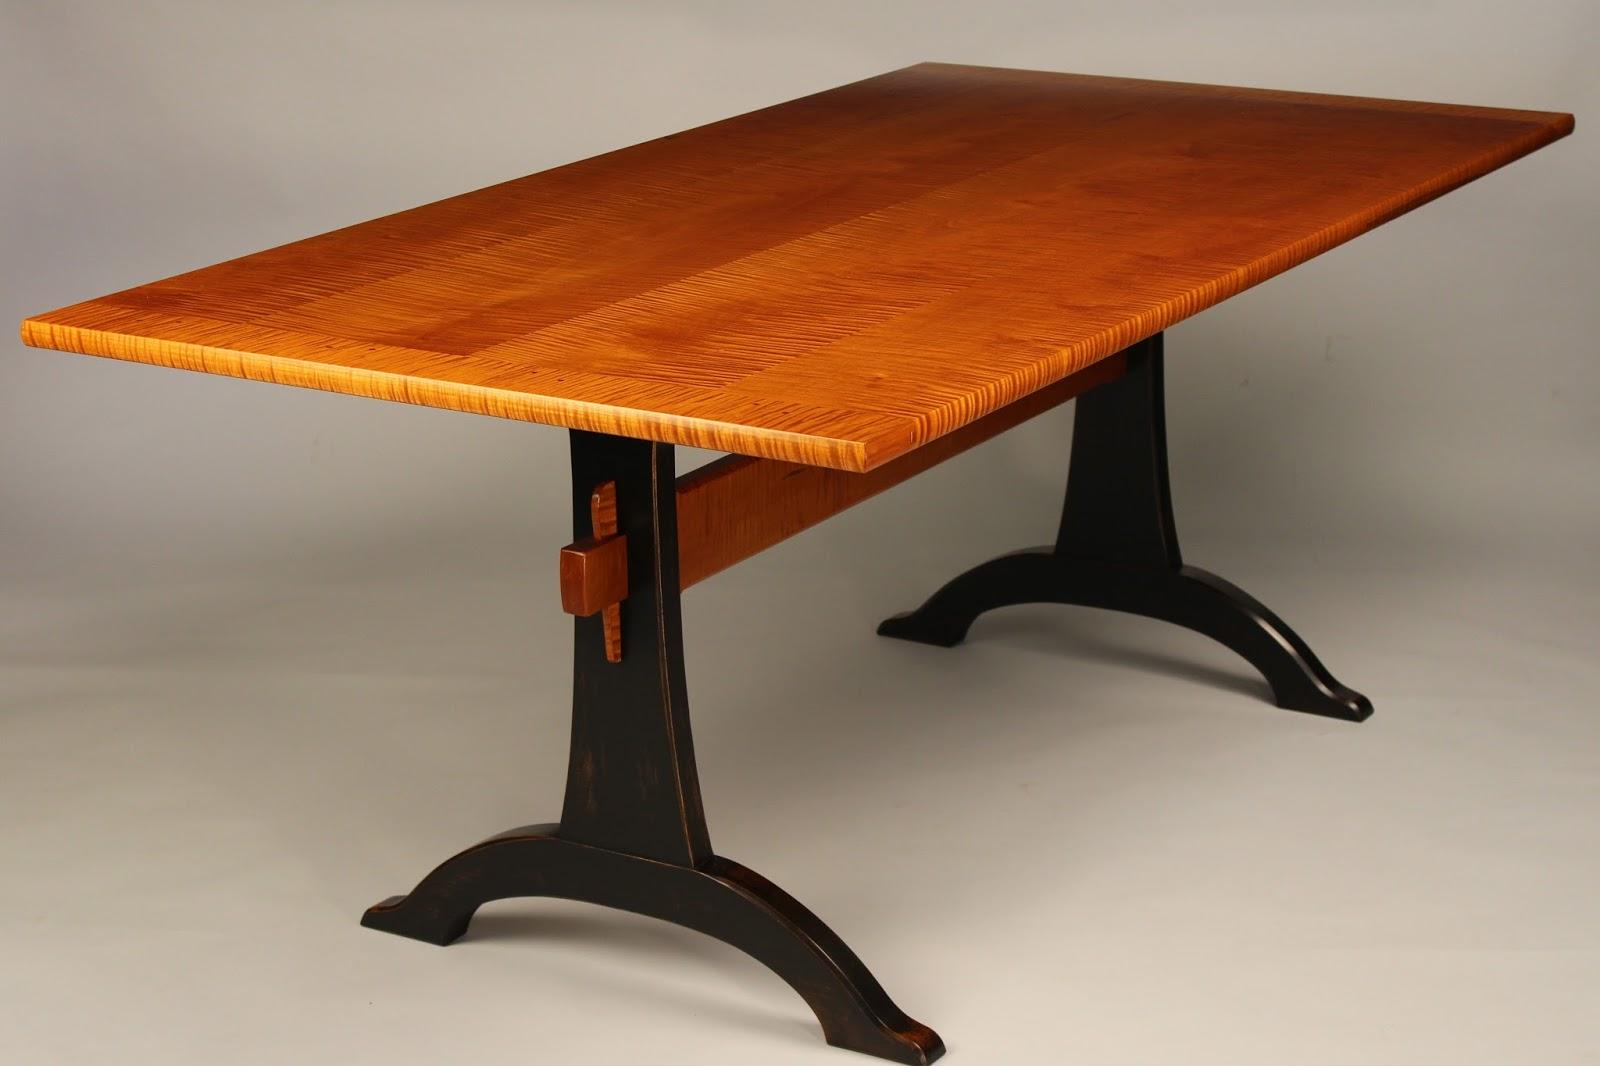 Doucette And Wolfe Fine Furniture Makers Trestle Table. Aglearn Help Desk. Walmart Pink Desk. Mahogany End Tables. Uwec Help Desk. Mainstays Corner Desk. Gaming L Shaped Desk. Glass Table Sets For Living Room. Home Desk Furniture